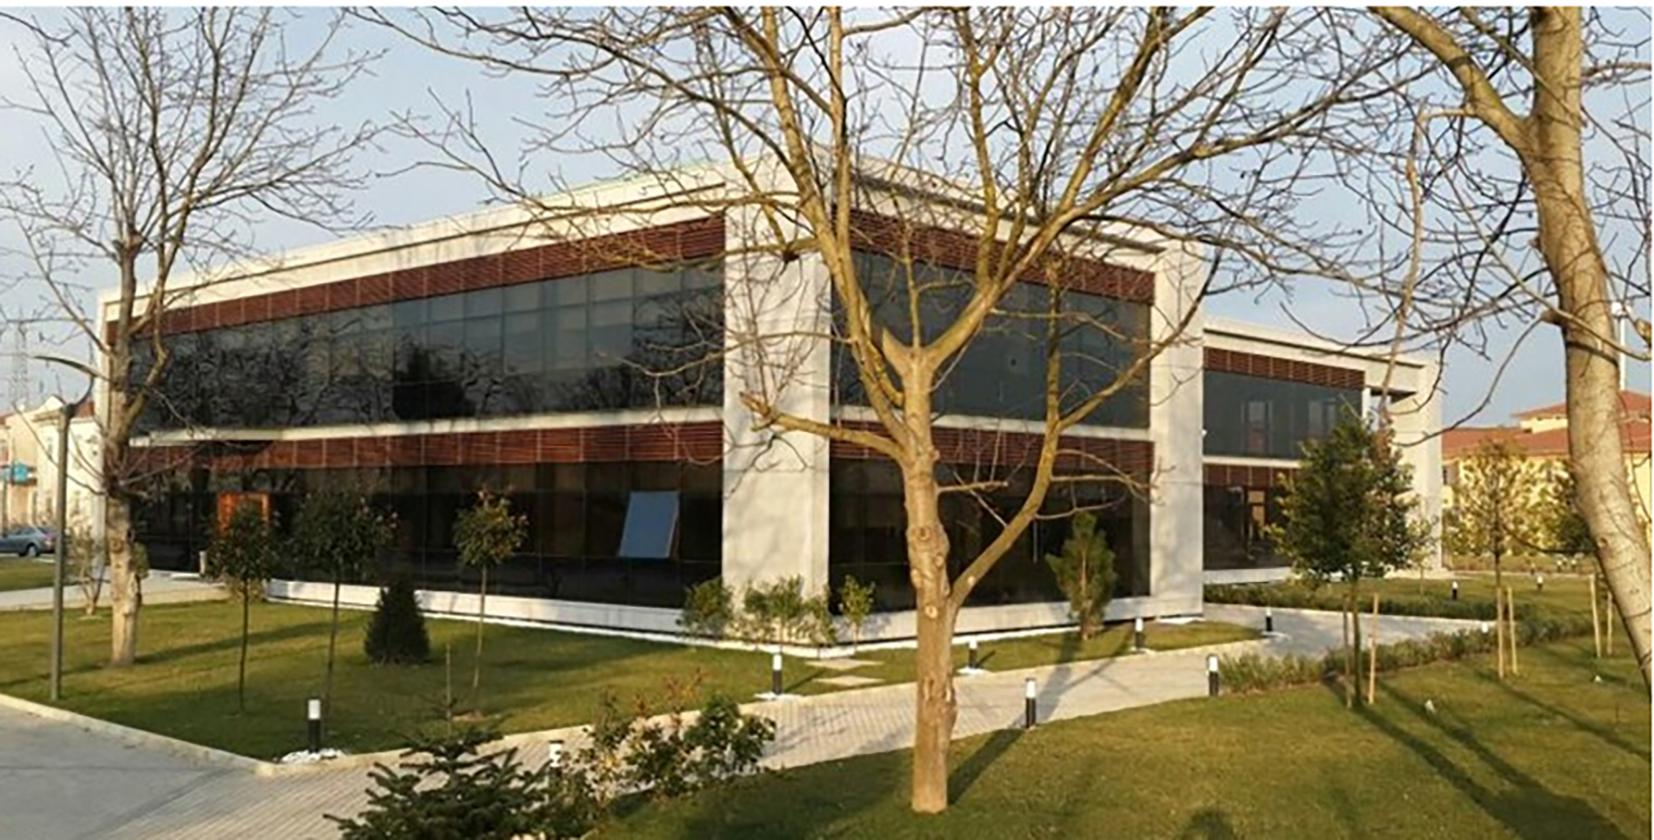 Sakarya Osb Social Facility